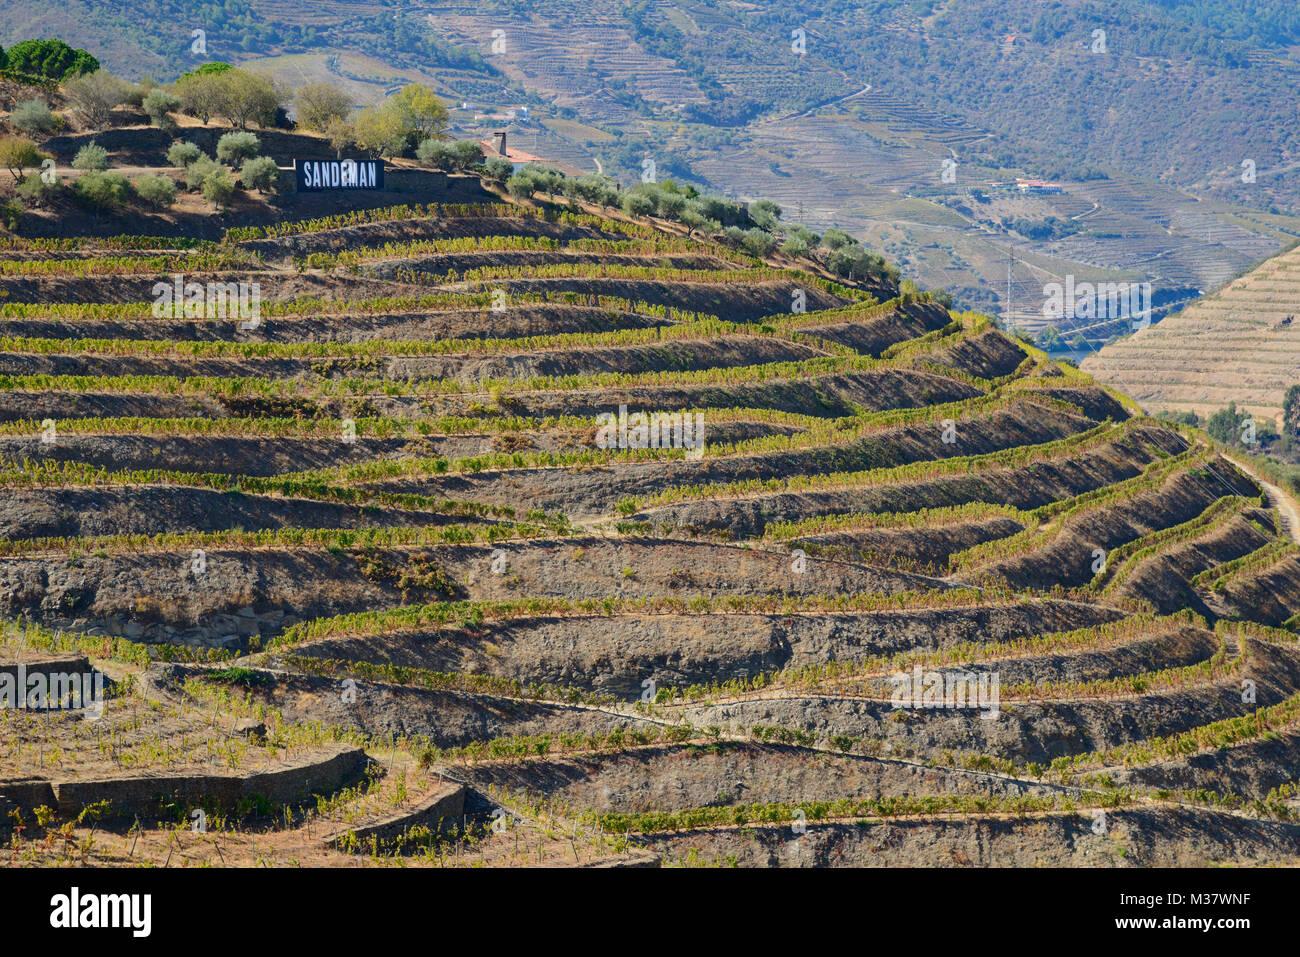 Porto Sandeman vigneti su terrazzamenti artificiali sulle colline ...